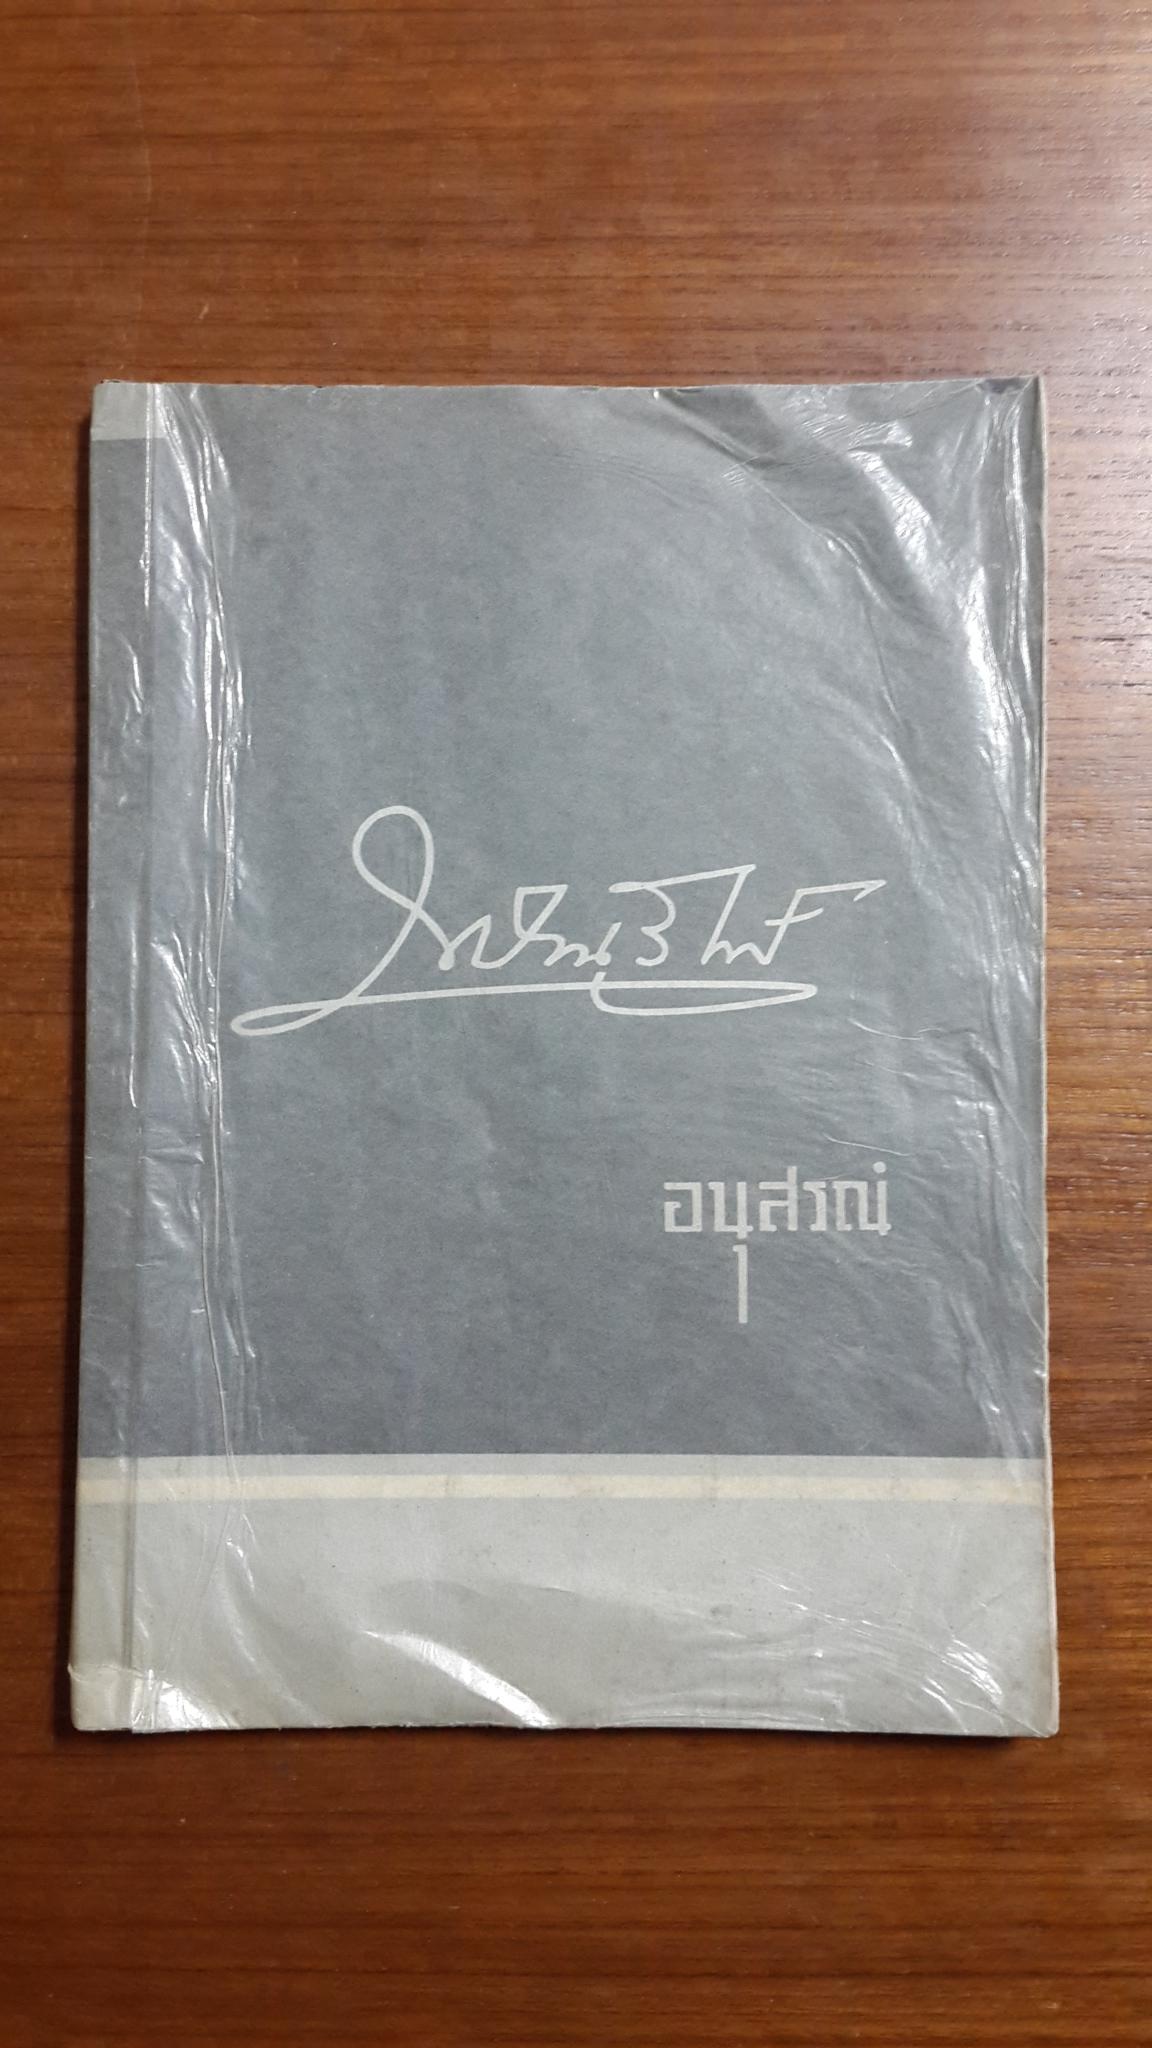 นิราศอเมริกาบราซิล โดย โอสถ โกศิน : พิมพ์เป็นอนุสรณ์ในงานพระราชทานเพลิงศพ พันตรี หลวงราชานุรักษ์